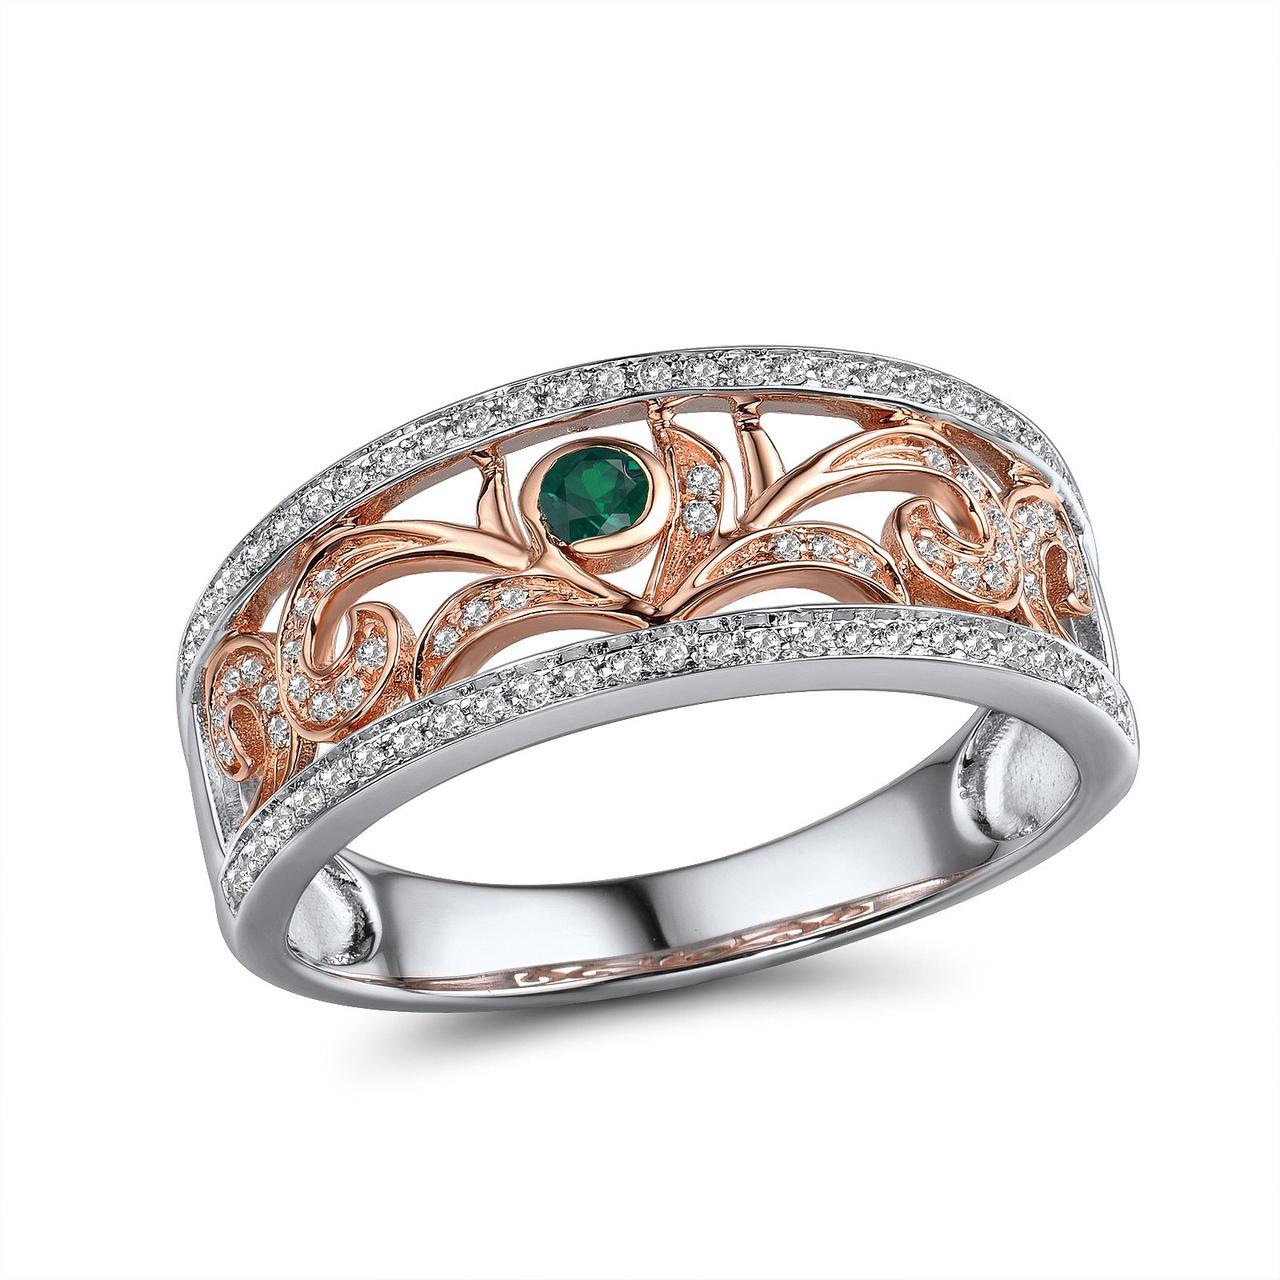 Золотое кольцо с бриллиантами и изумрудом, размер 17 (1719623)